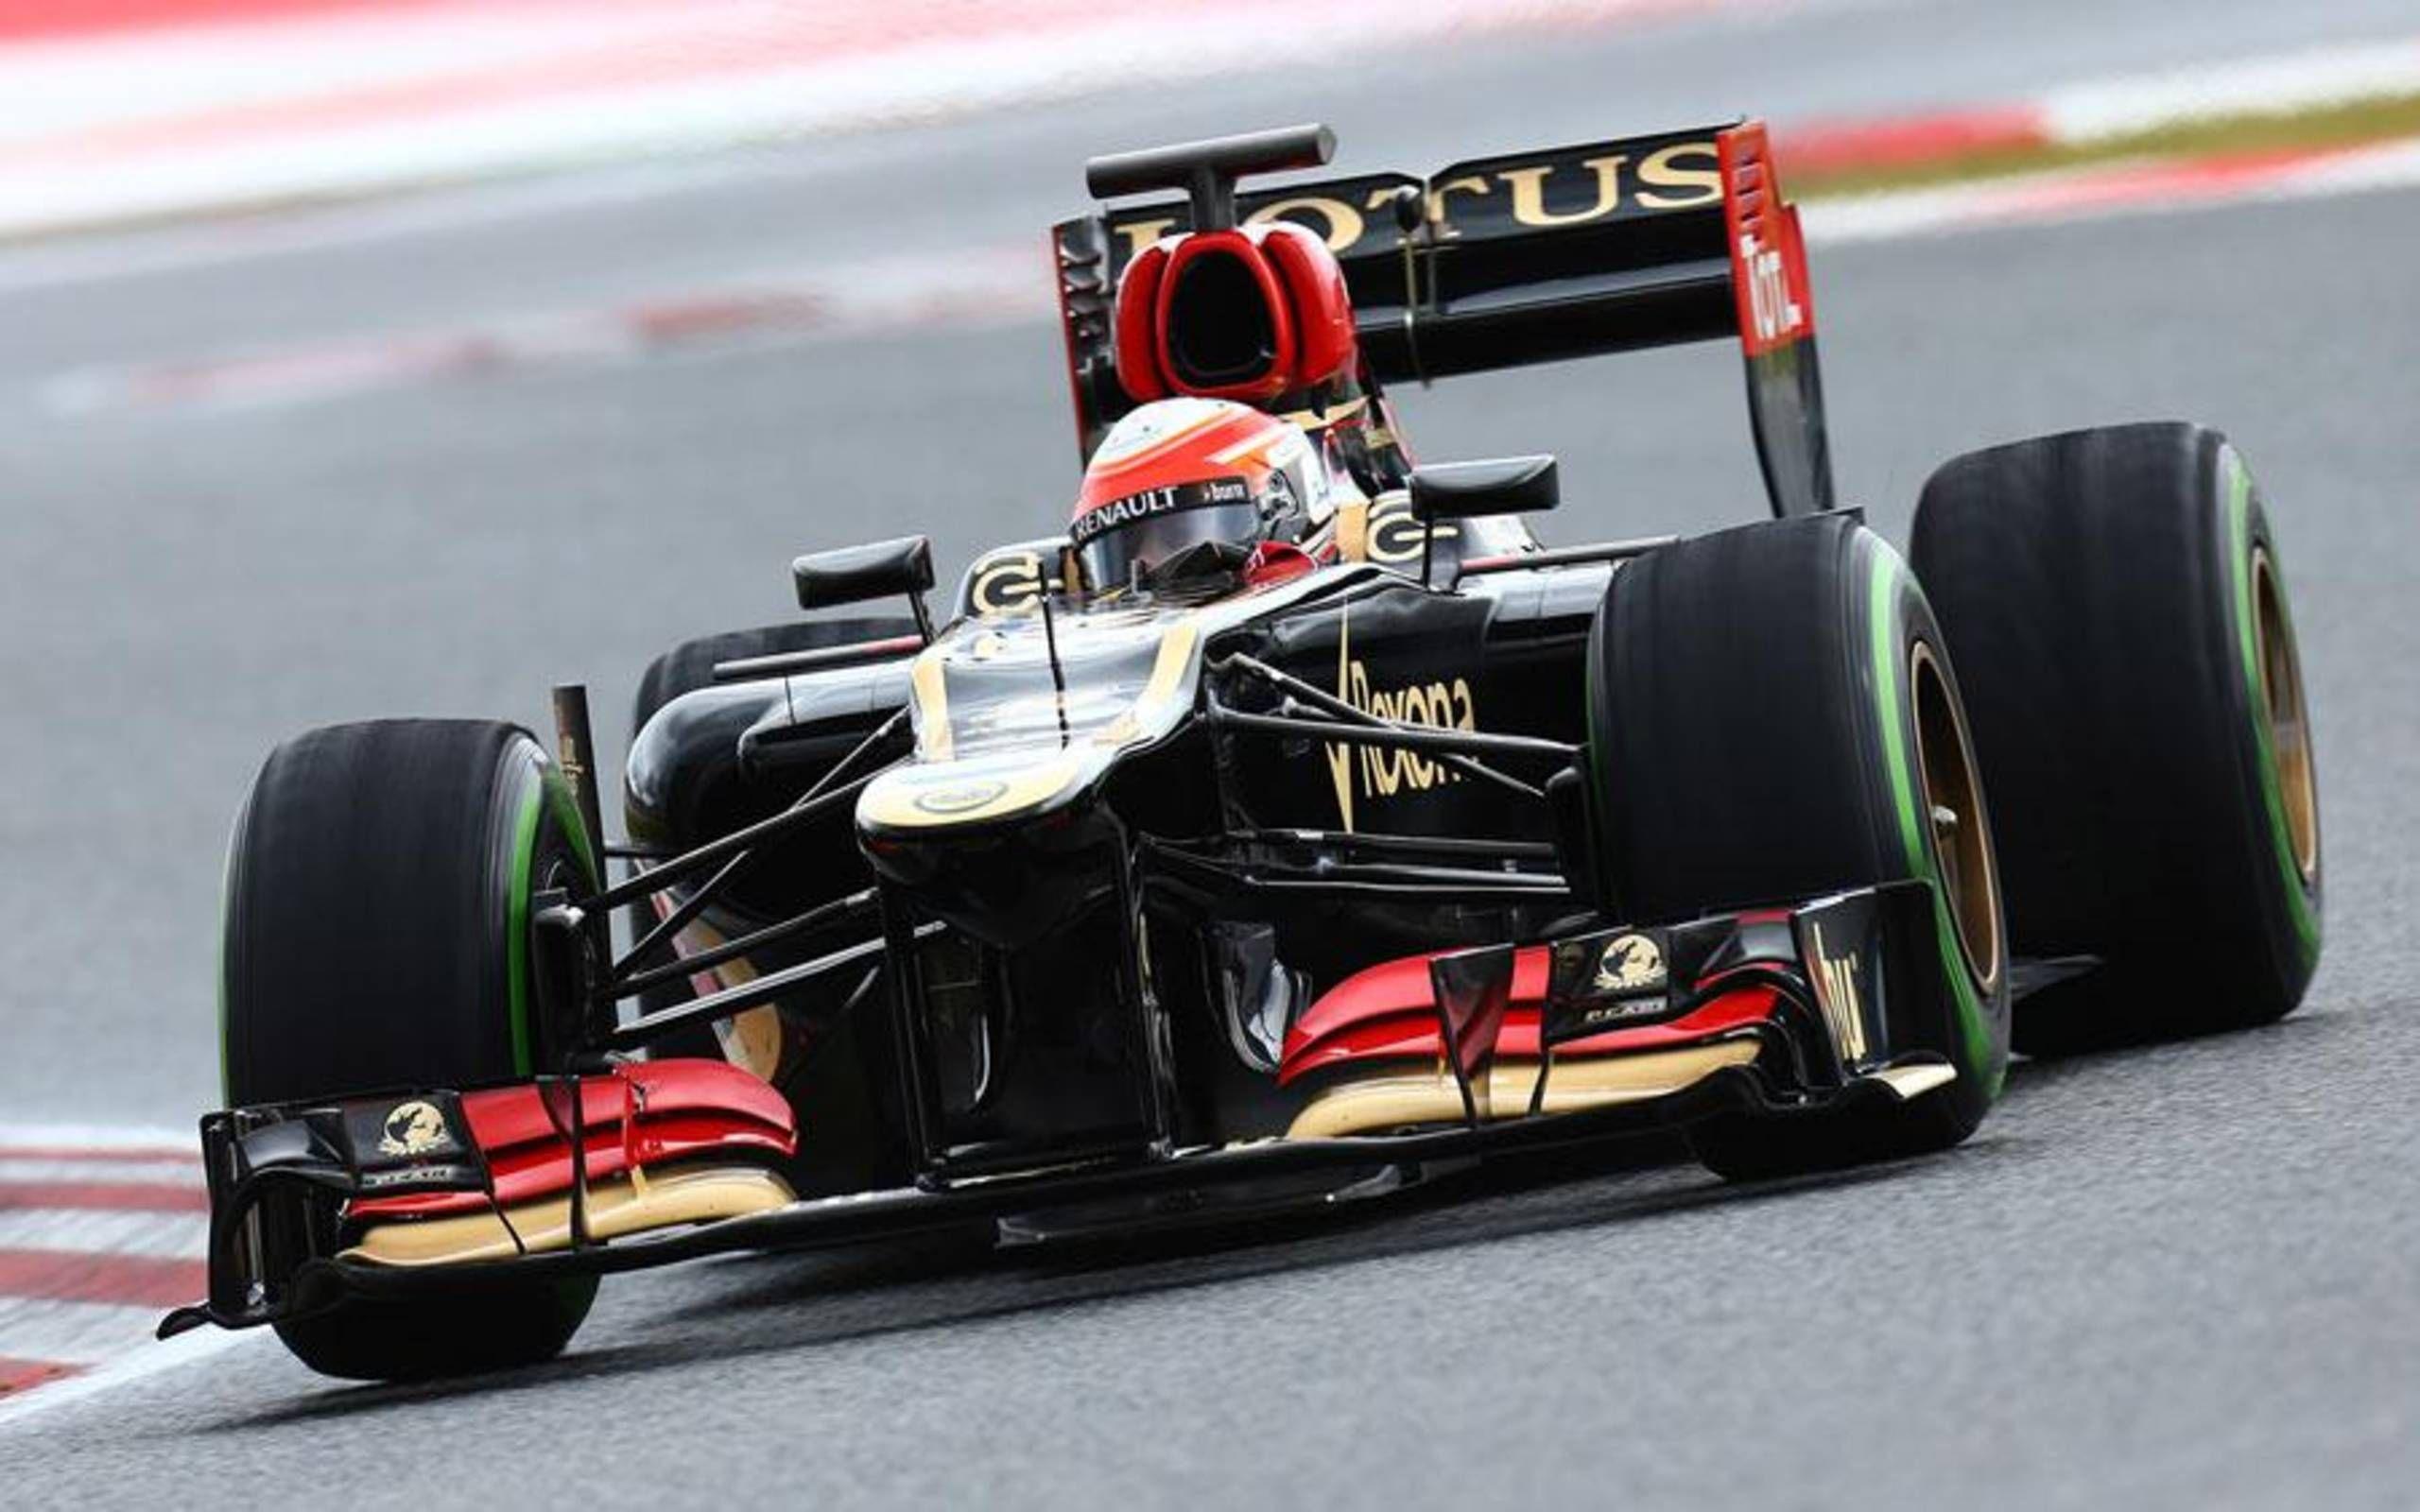 LOTUS E21 2ème GP F1 US 2013 R Grosjean